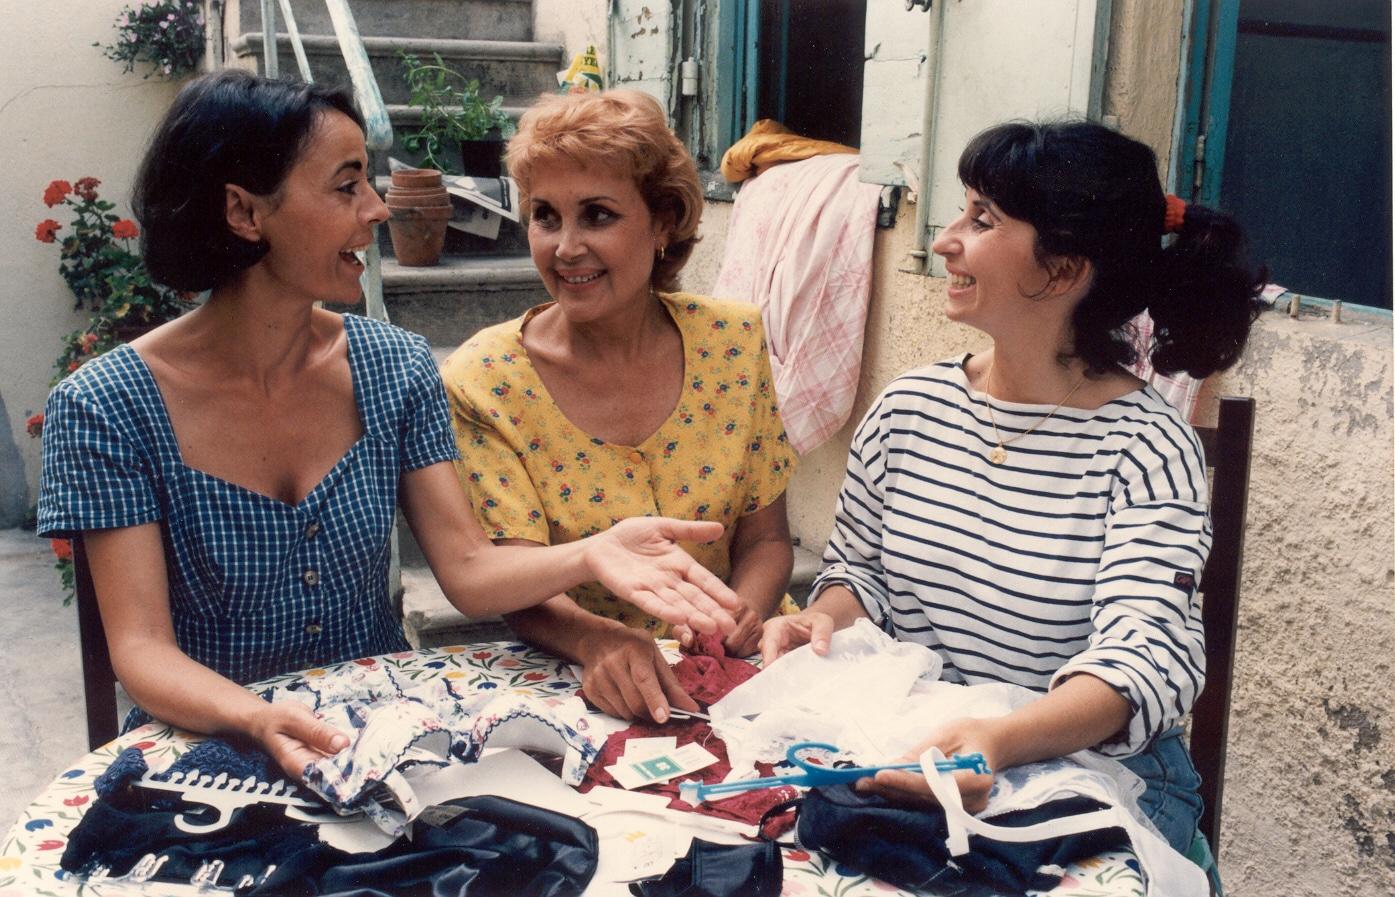 Frédérique Bonnal, Pascale Roberts et Ariane Ascaride dans Marius et Jeannette de Robert Guédiguian